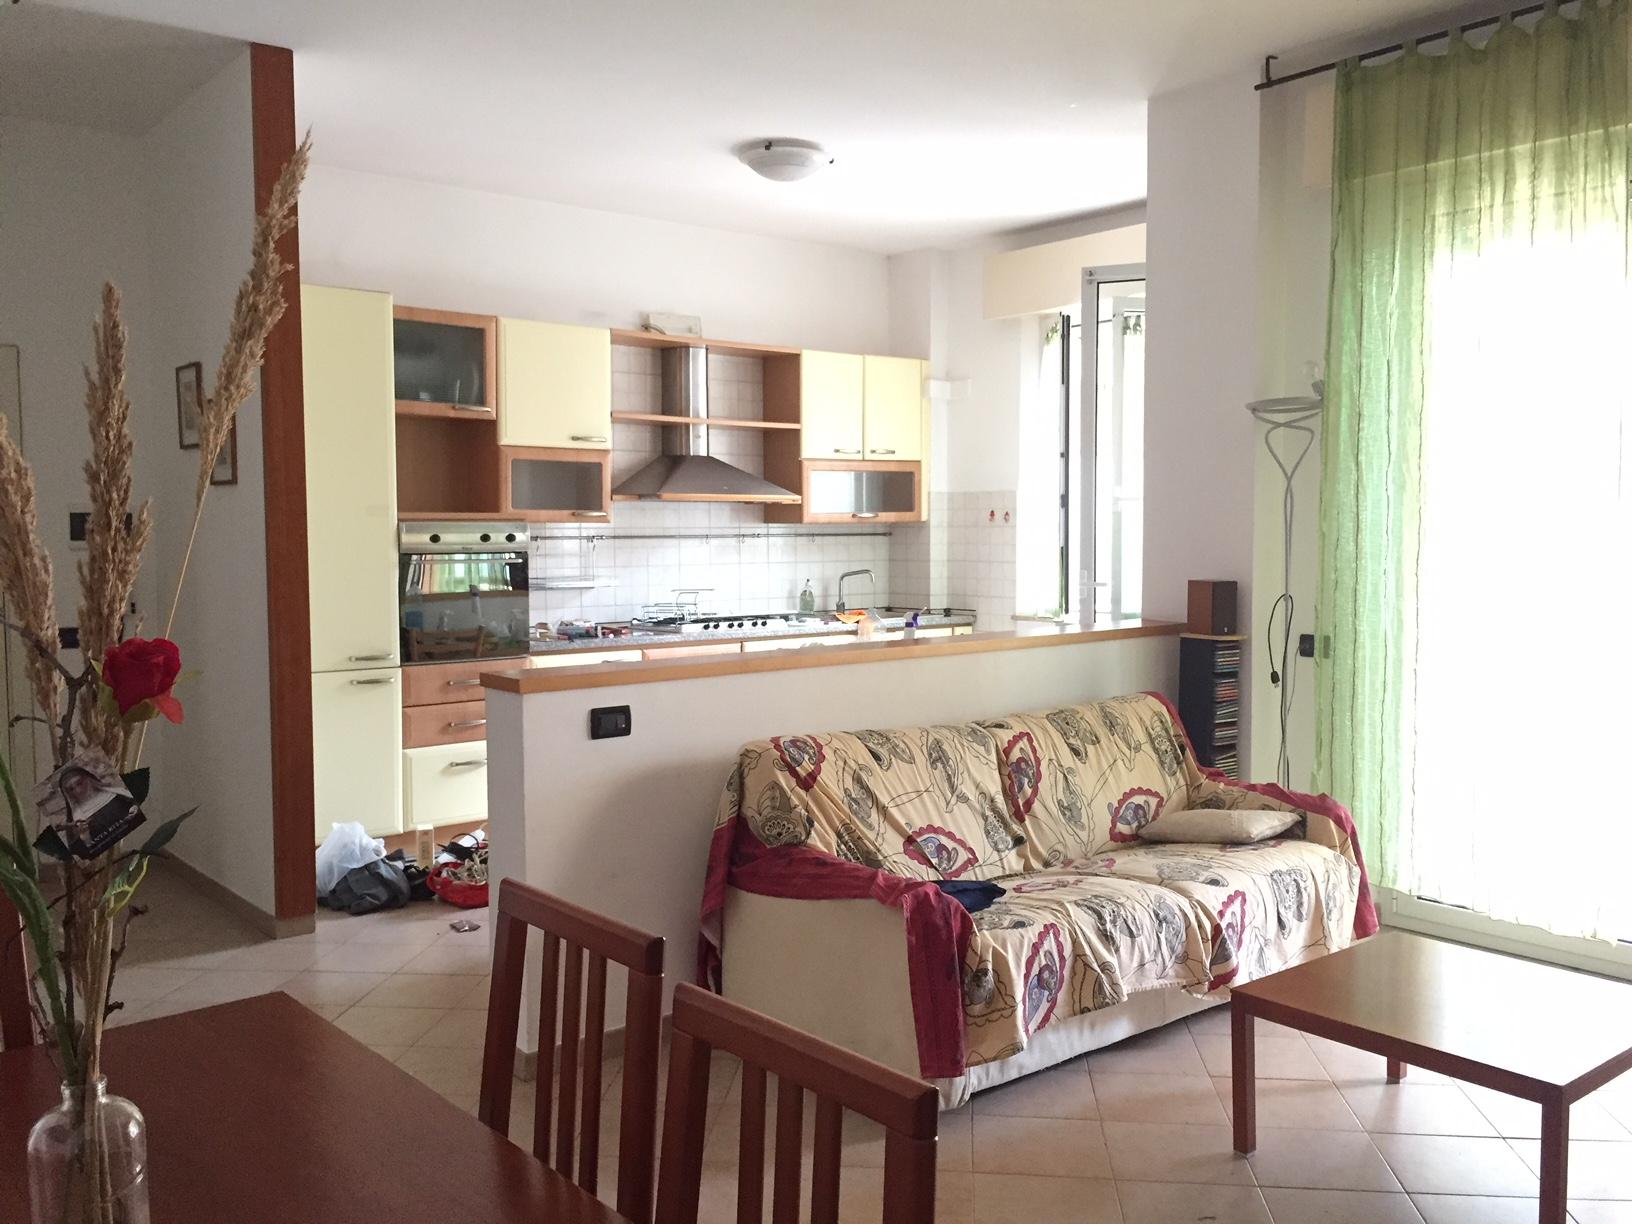 Appartamento in vendita a Falconara Marittima, 3 locali, prezzo € 134.000   PortaleAgenzieImmobiliari.it